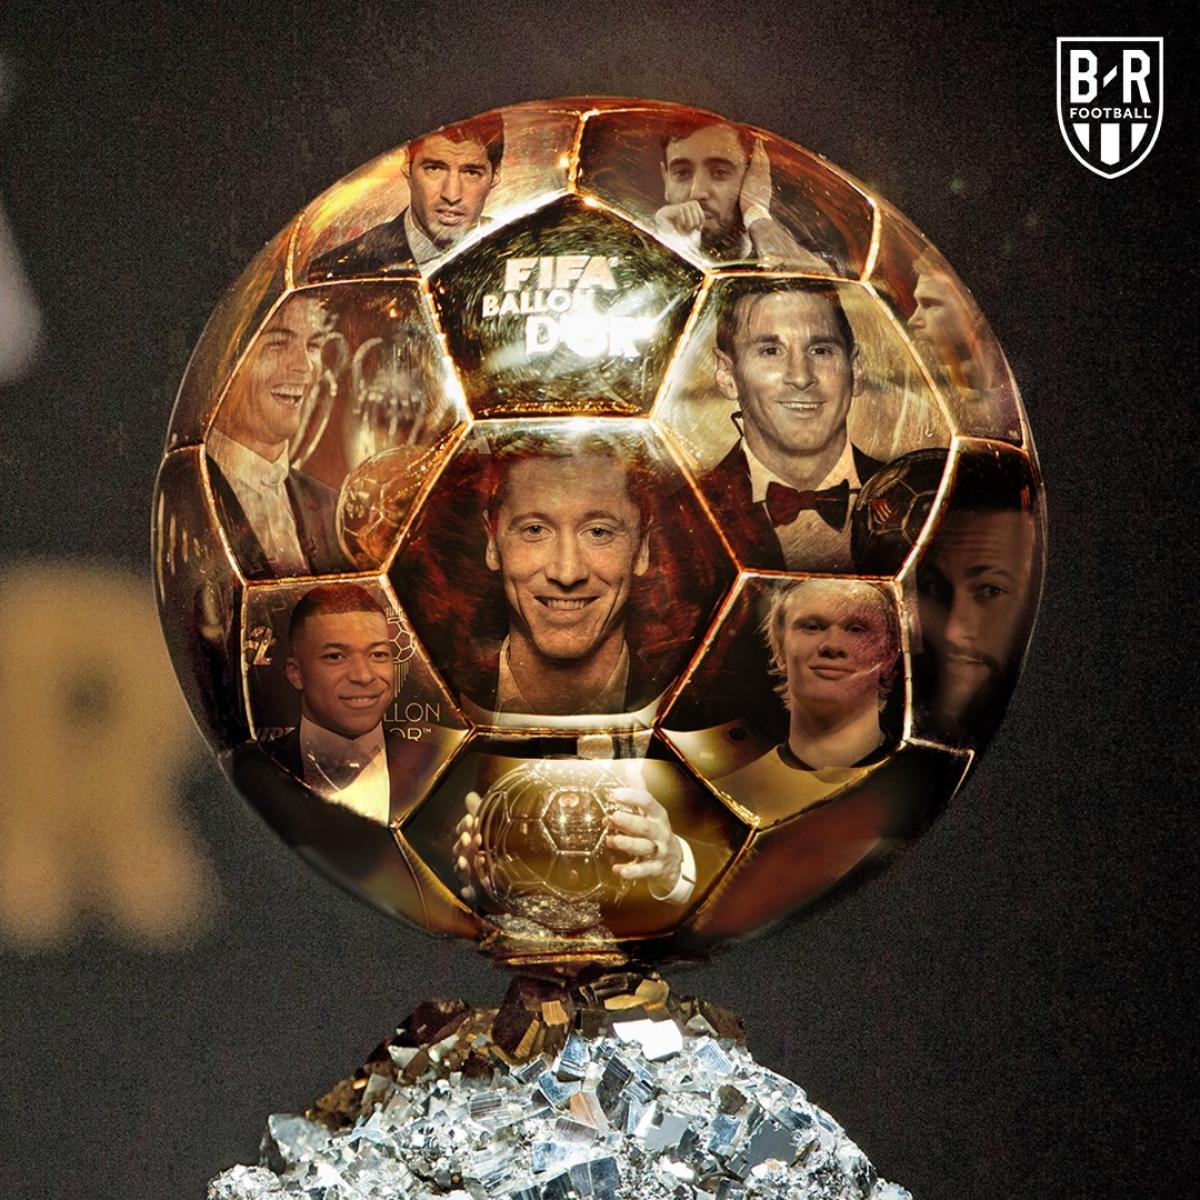 Dự đoán ứng viên cho danh hiệu Quả bóng vàng 2021. (Ảnh: Bleacher Reports)